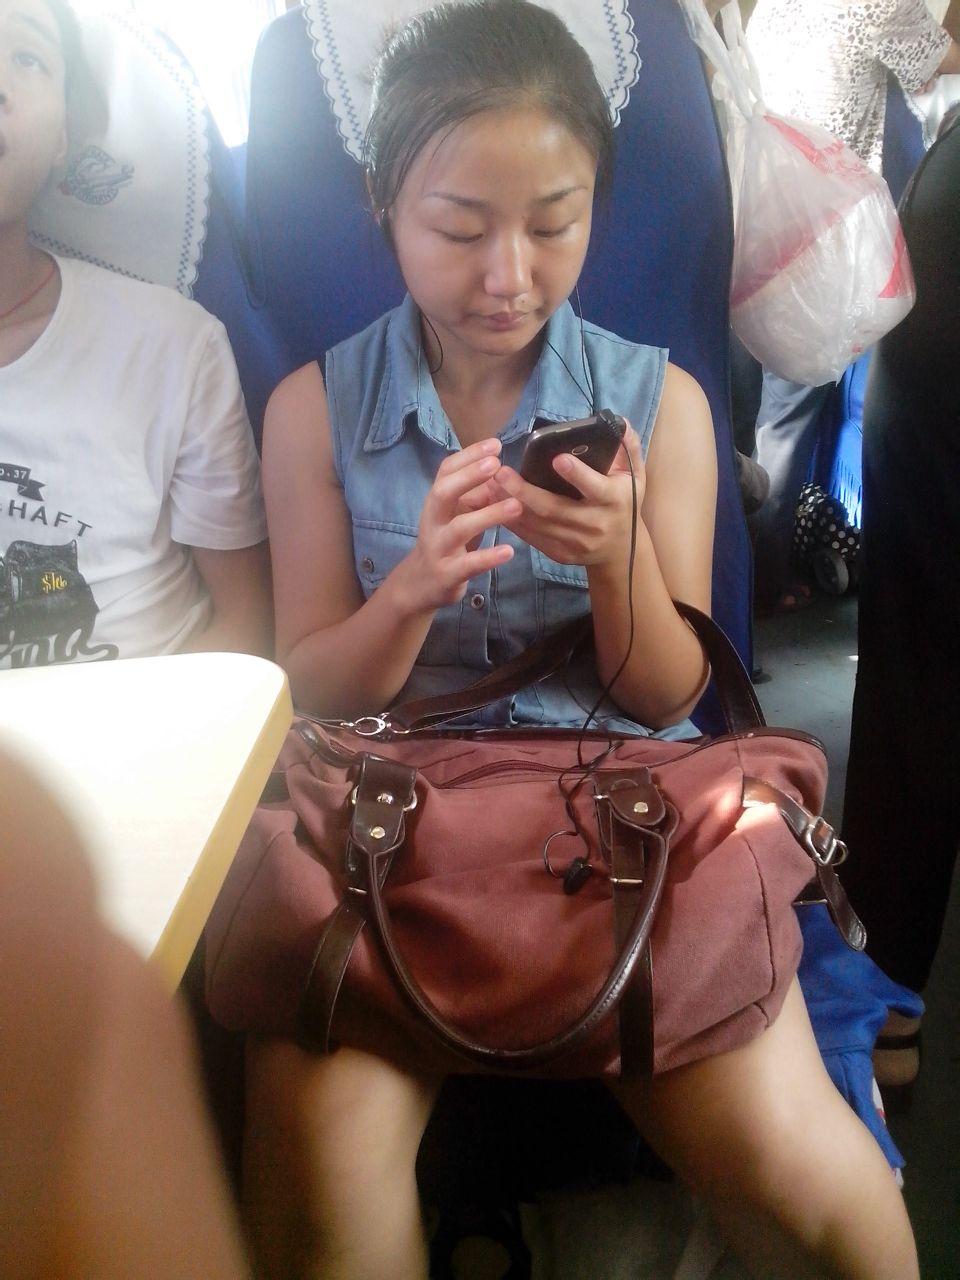 火车上冒死用小7偷拍用a750的美女 竖